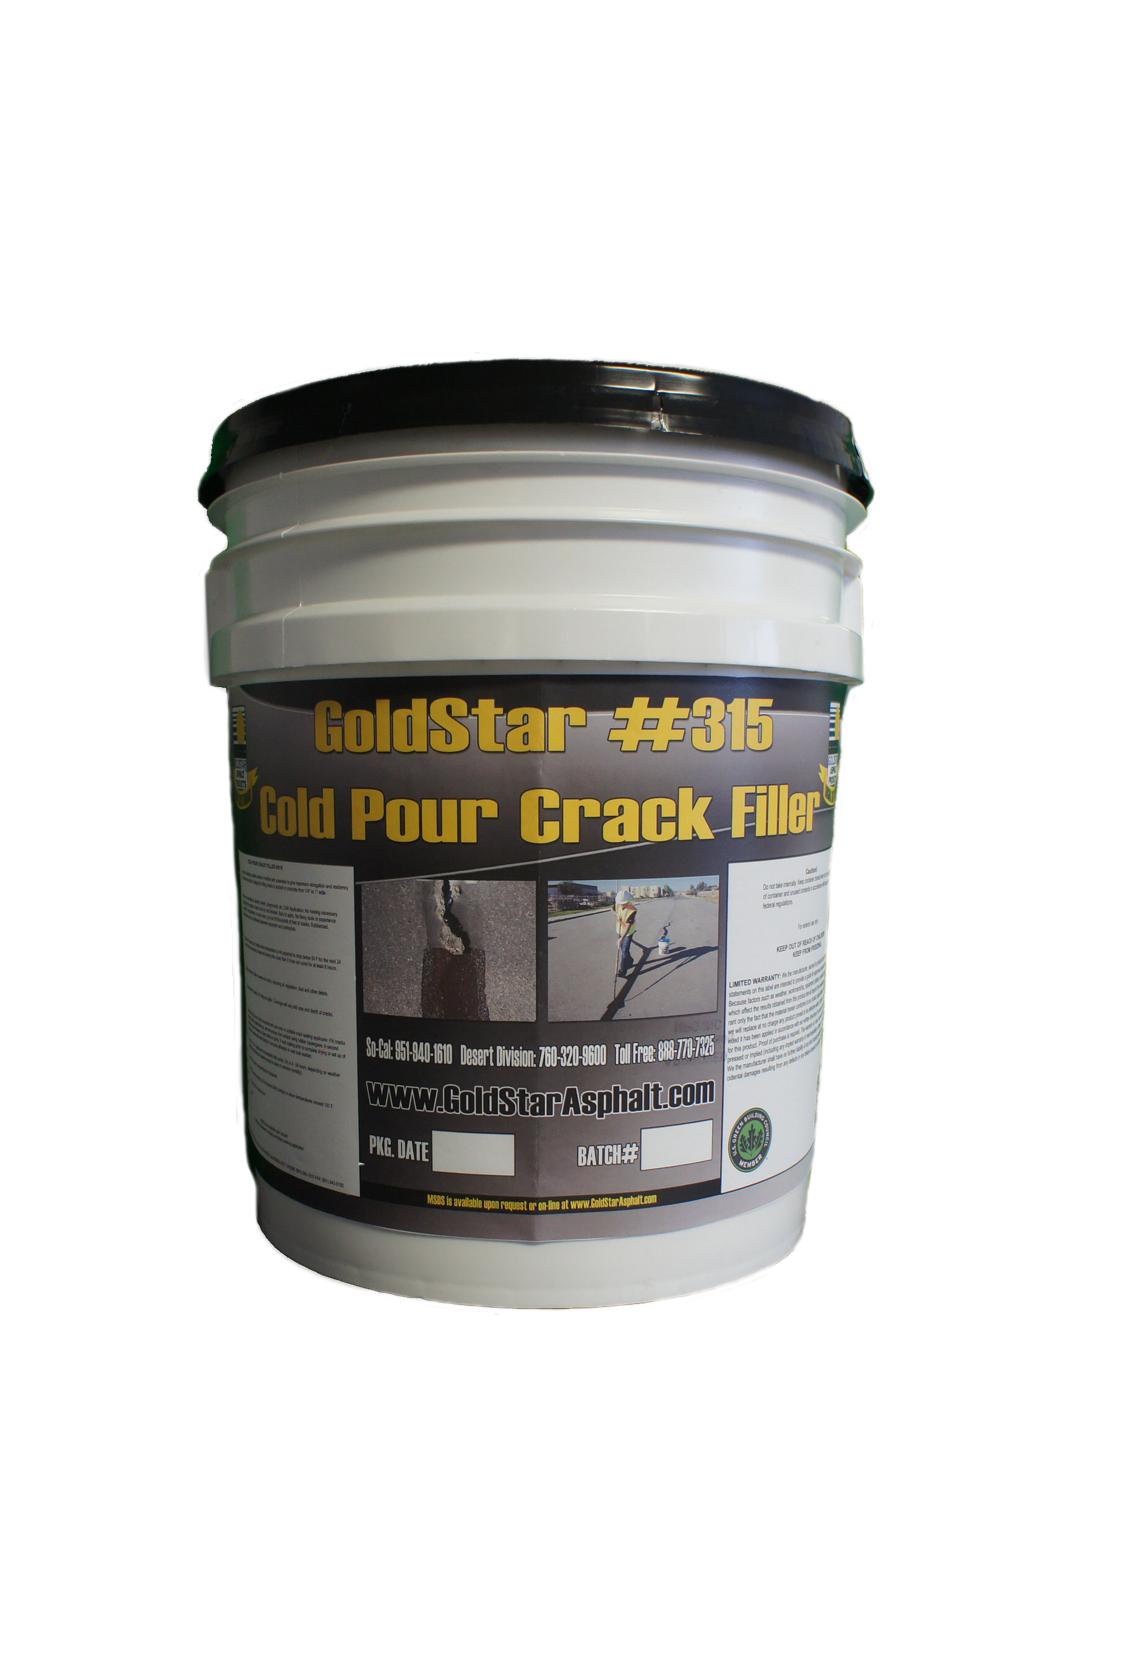 Asphalt Crack Filler Products : Cold pour crack filler goldstar asphalt products